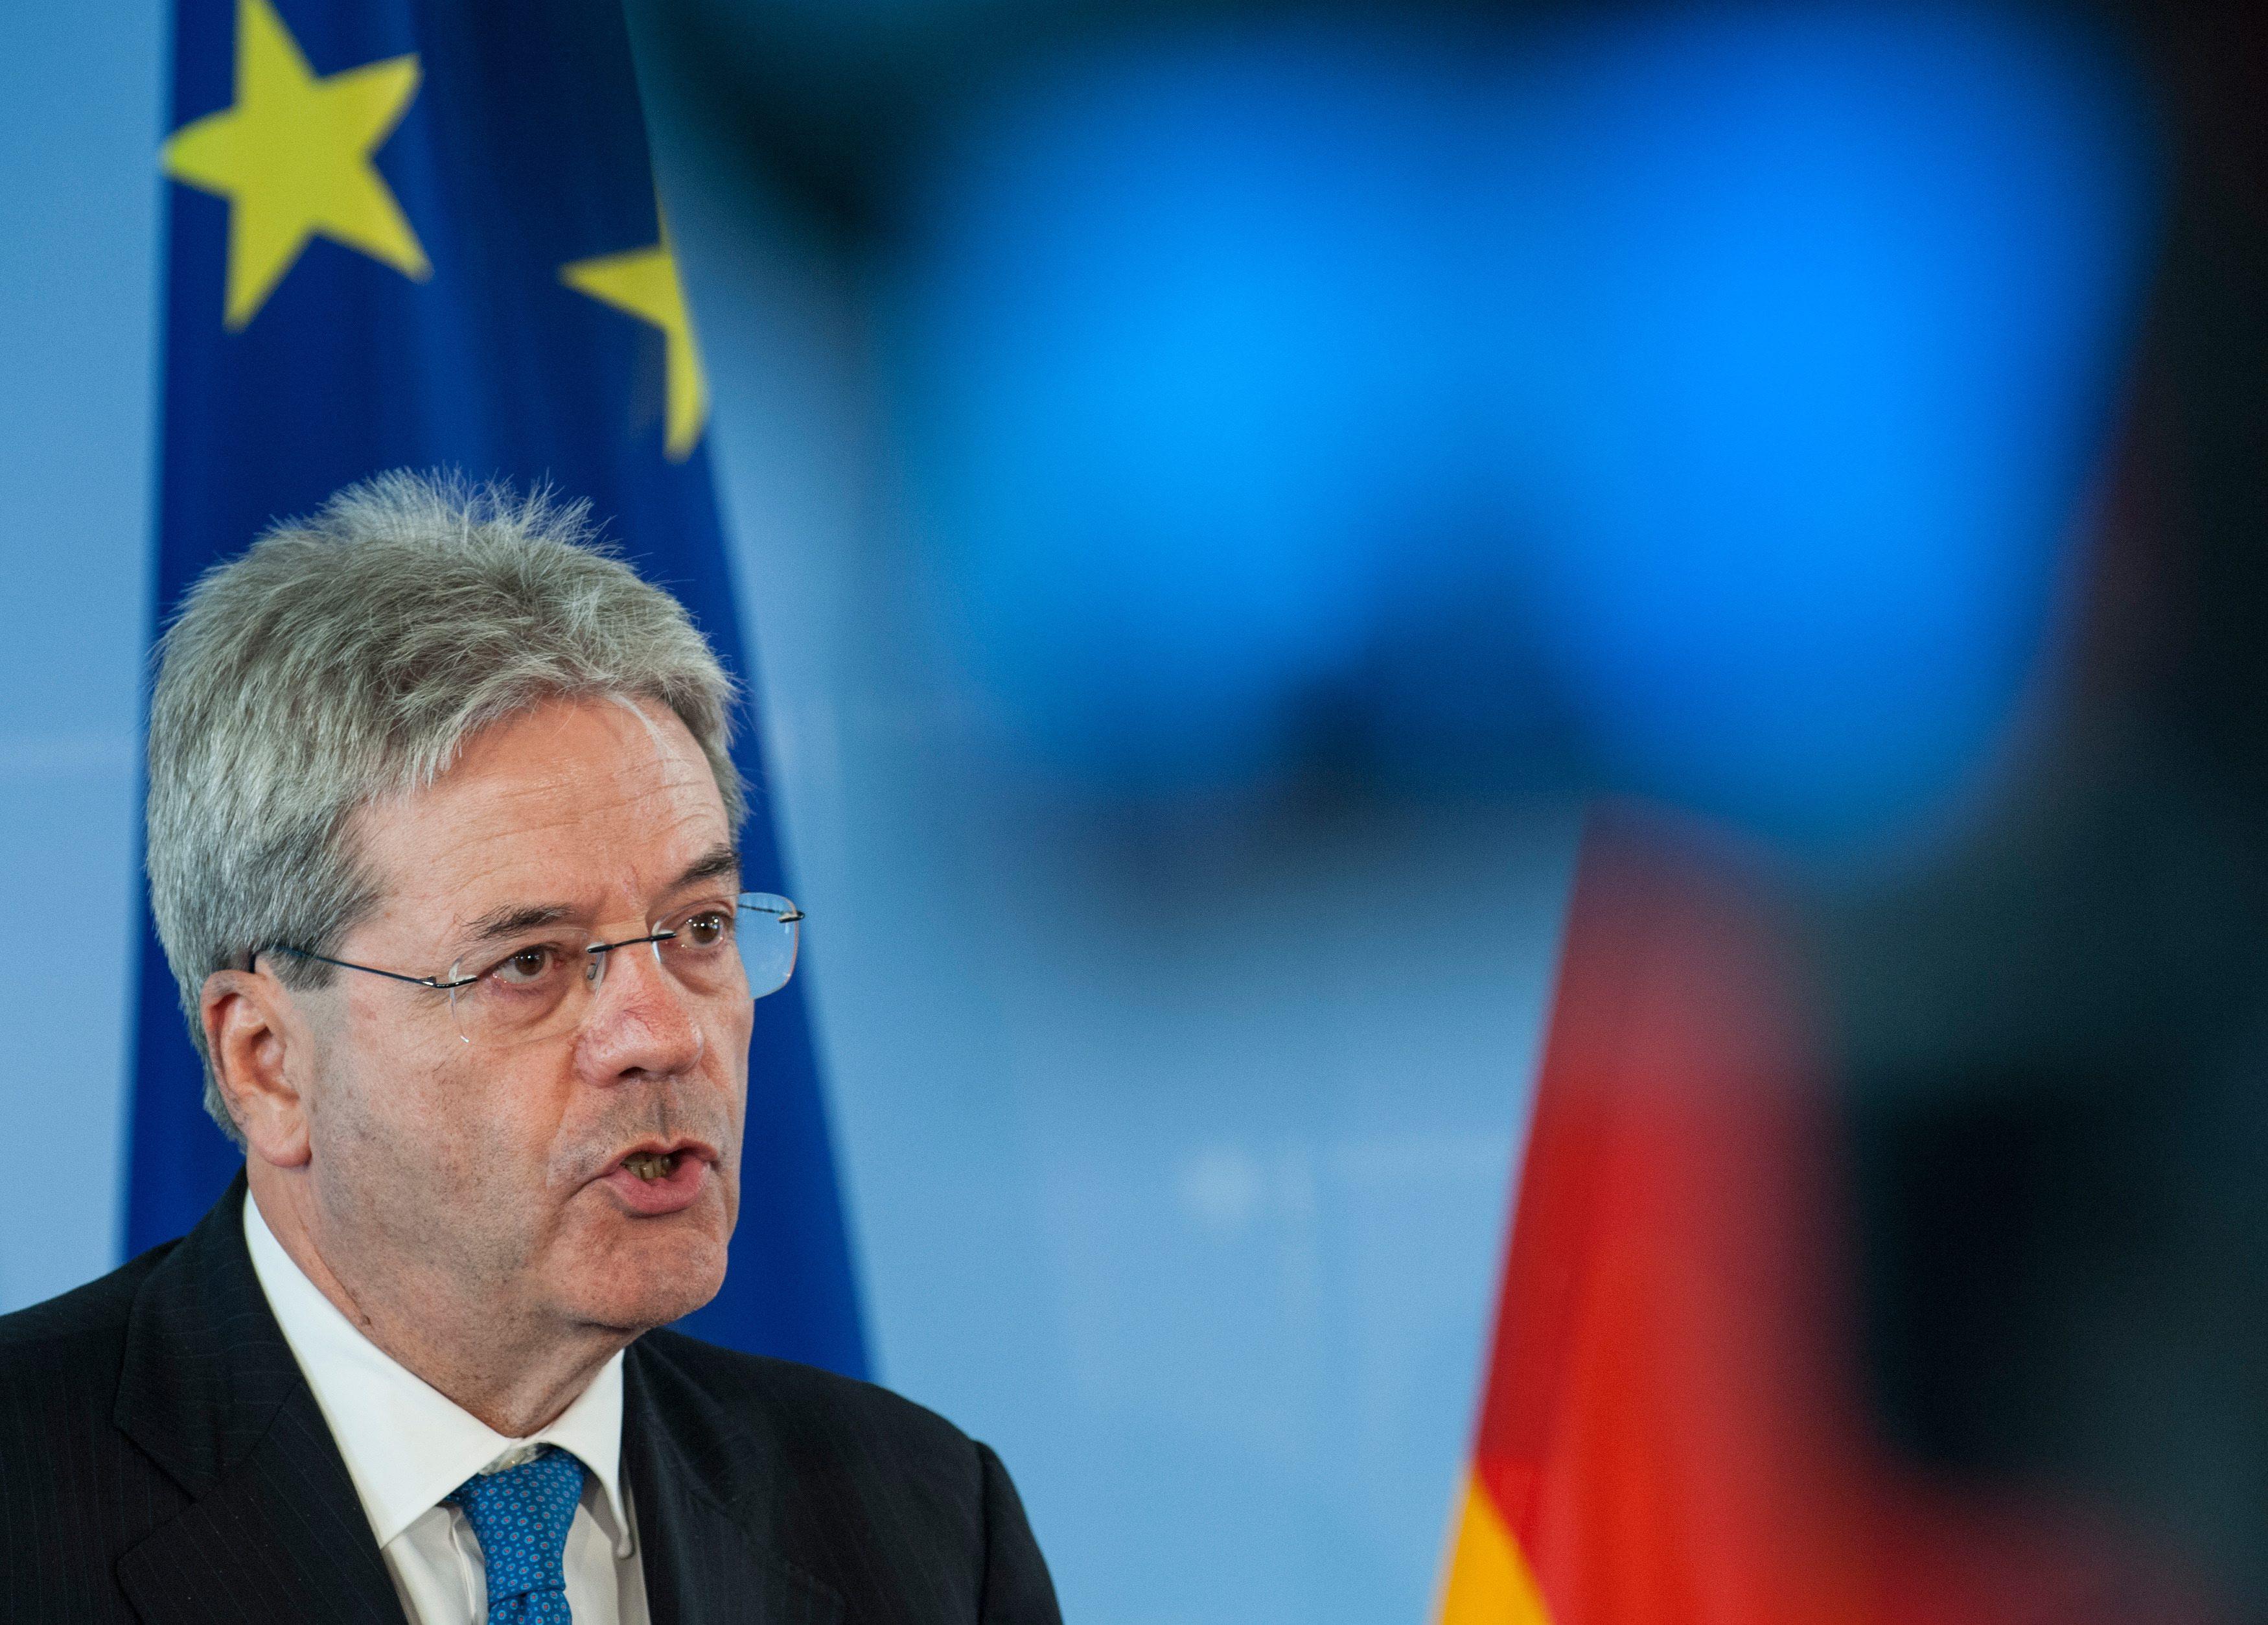 Ιταλία: Τηρούμε τους κανονισμούς της ΕΕ, αλλά δεν θα πάρουμε υφεσιακά μέτρα | tovima.gr